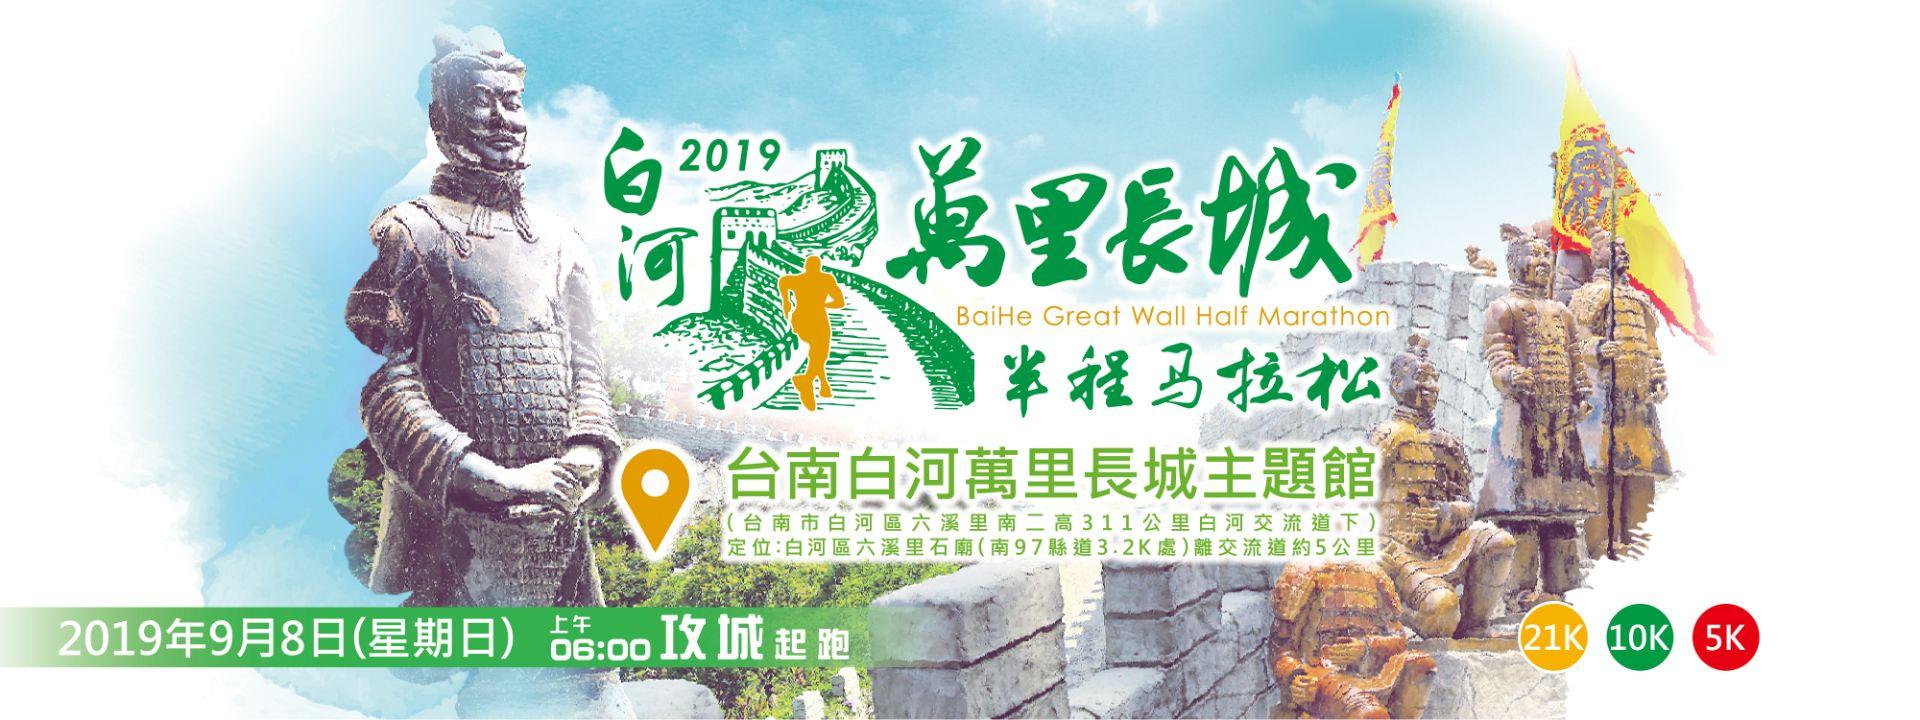 2019 白河萬里長城半程馬拉松